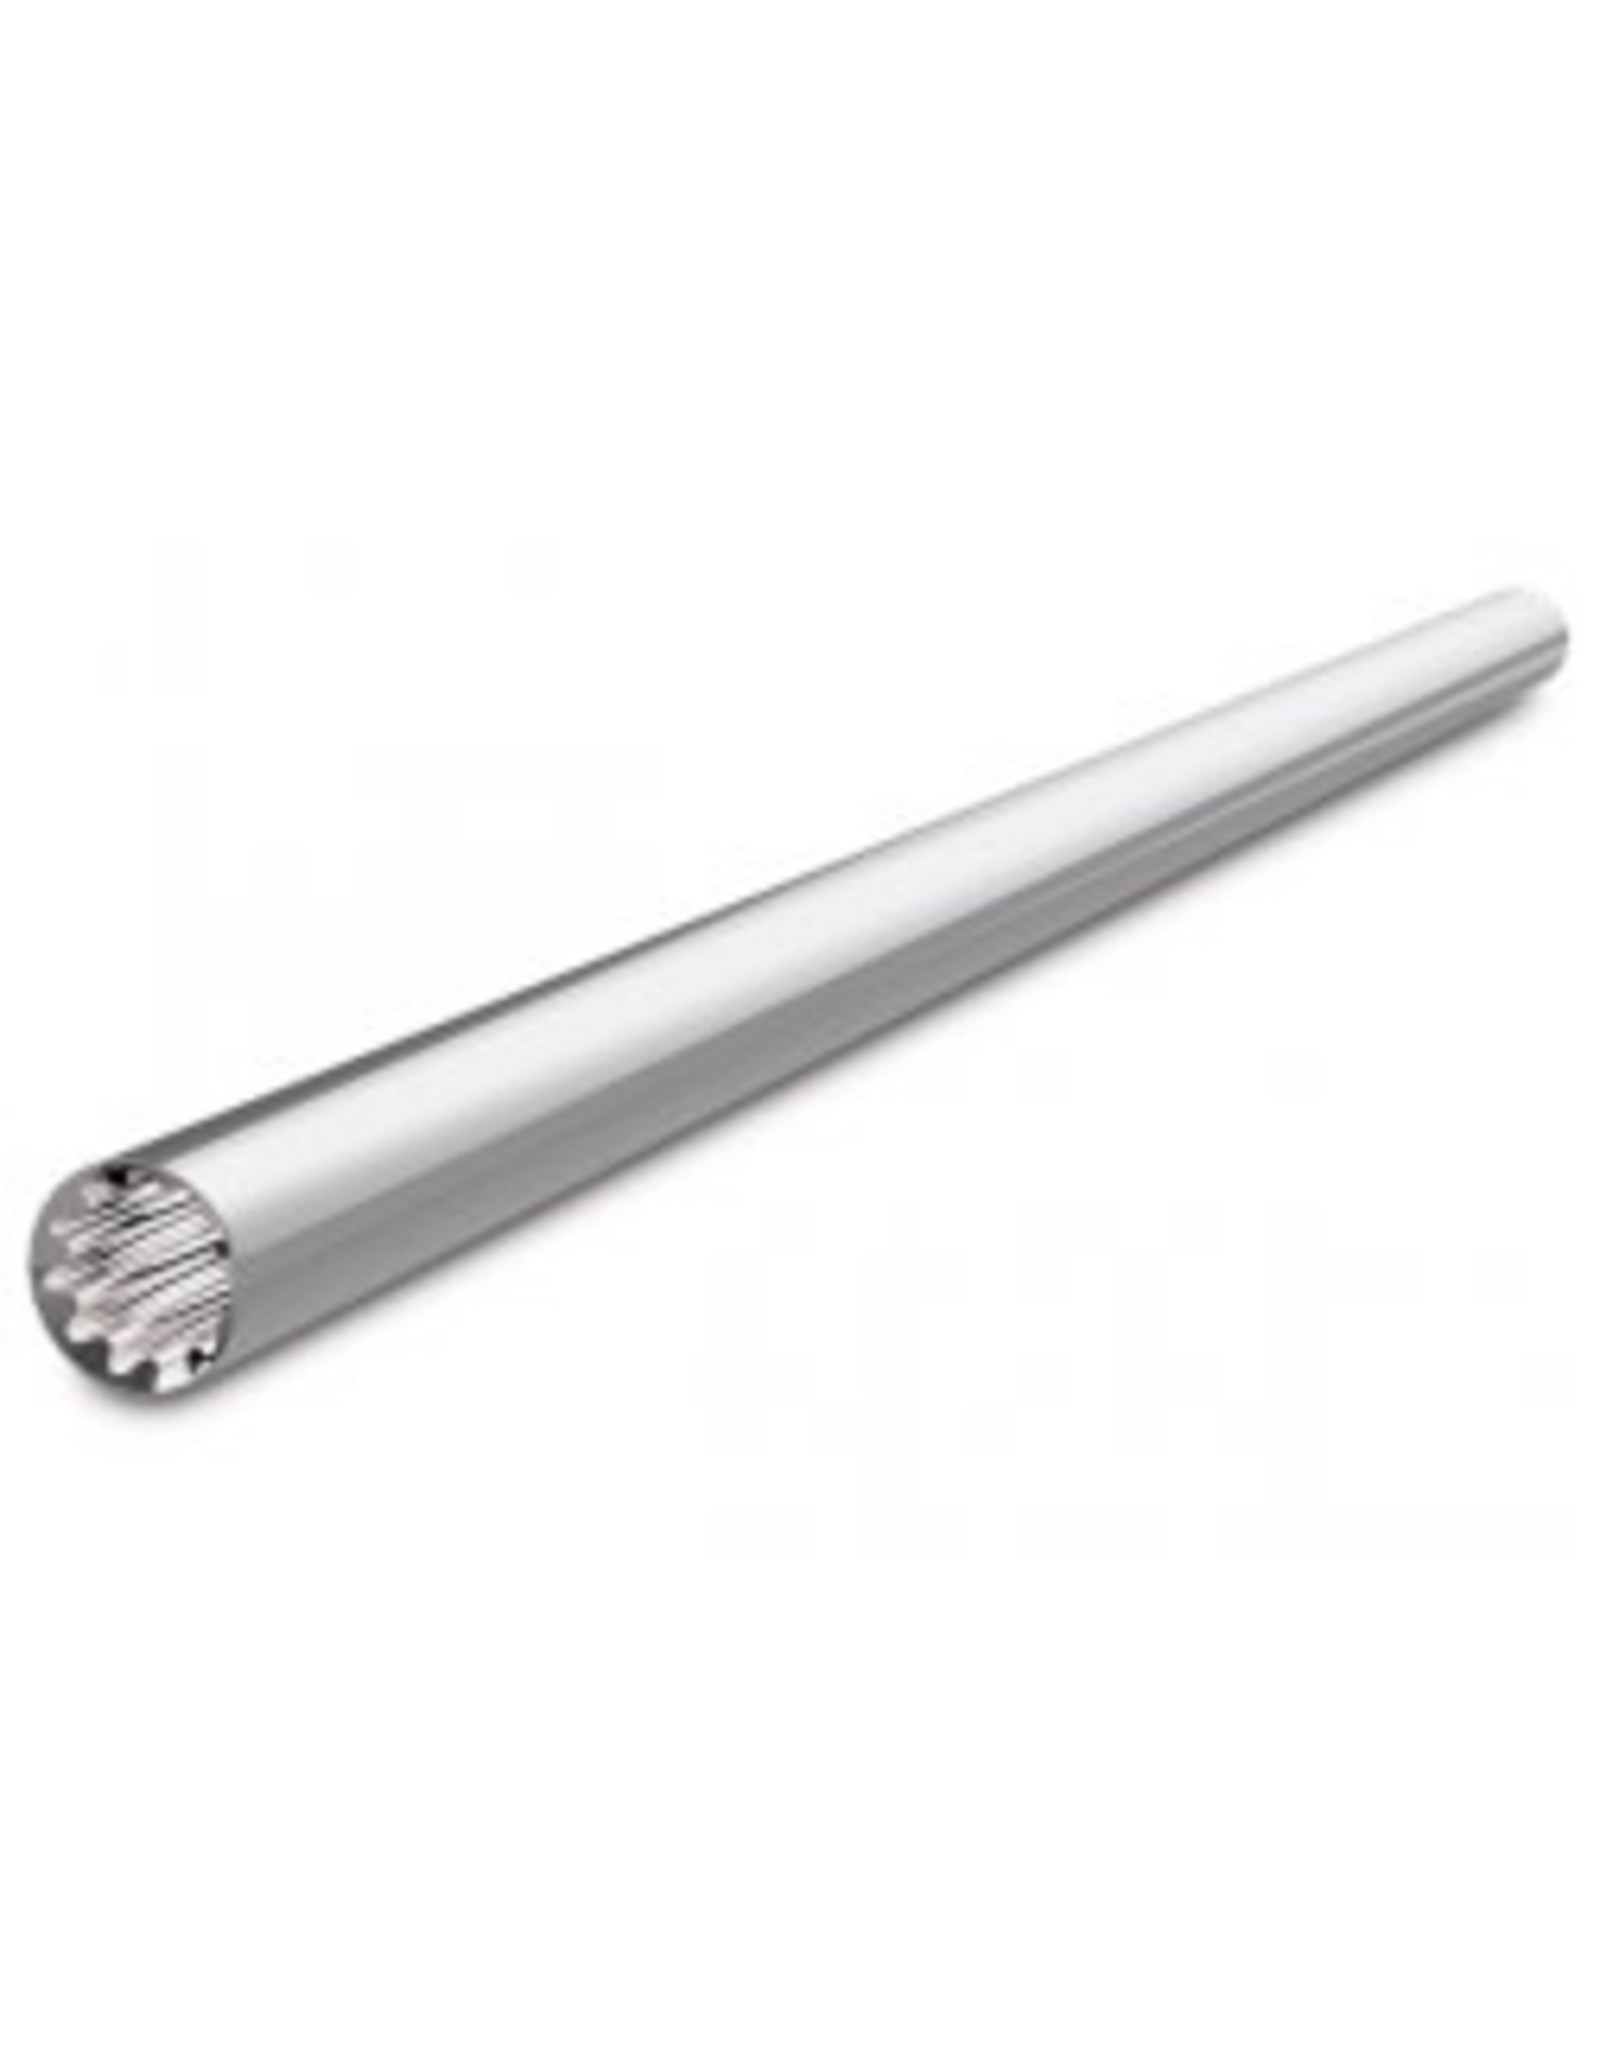 Traxxas [Driveshaft assembly, center, aluminum] Driveshaft assembly, center, aluminum